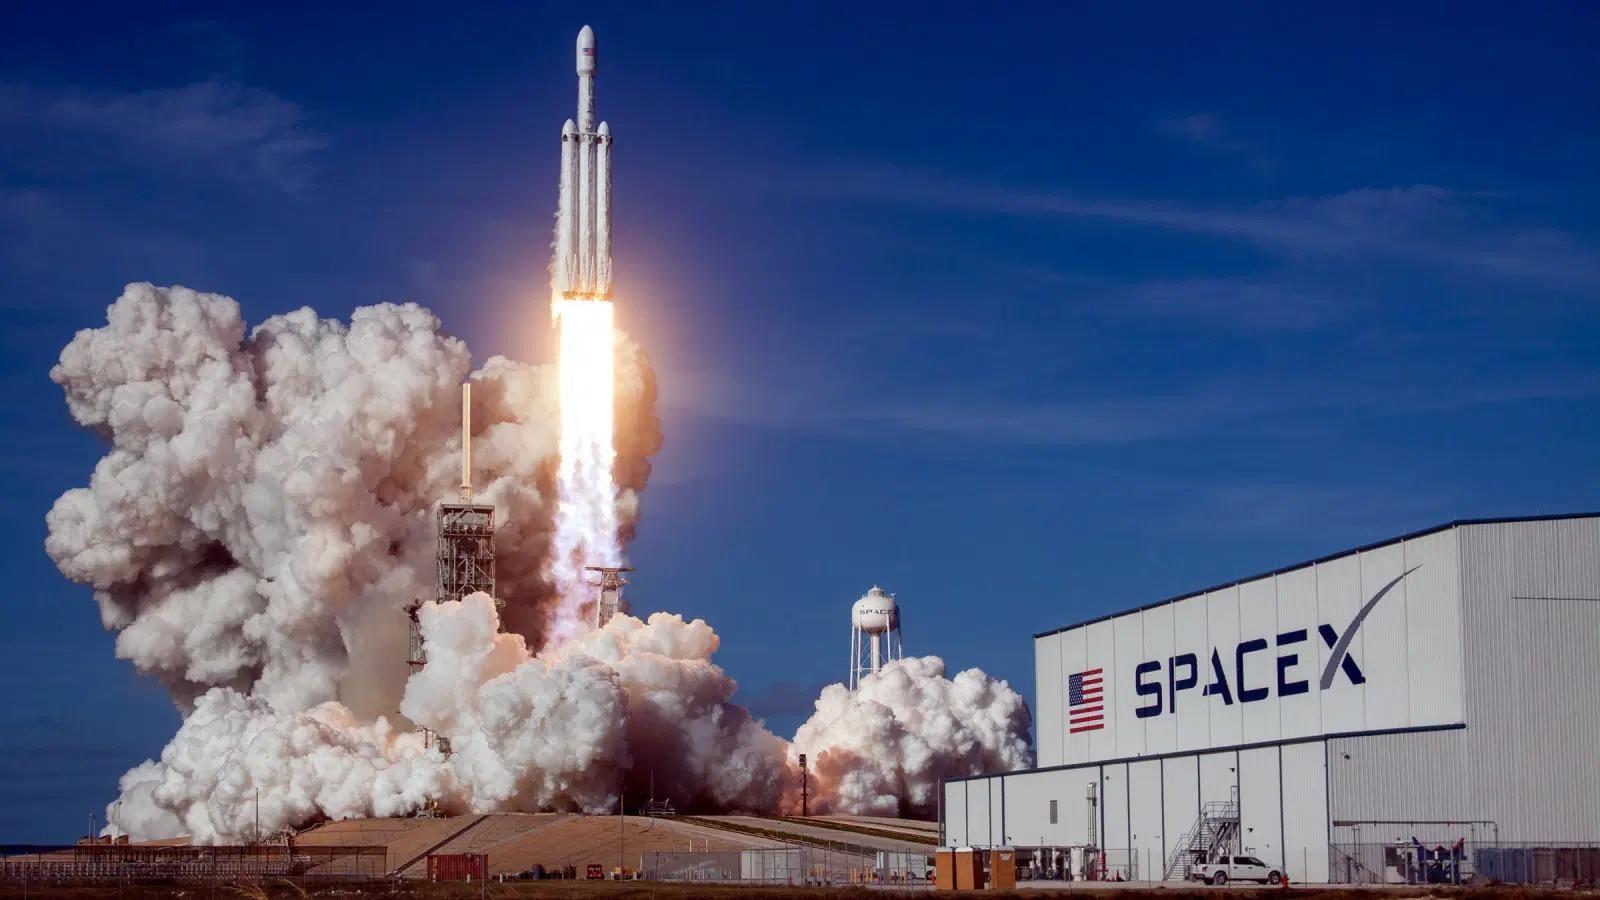 SpaceX намерена отправить в космос первый экипаж, состоящий исключительно из туристов